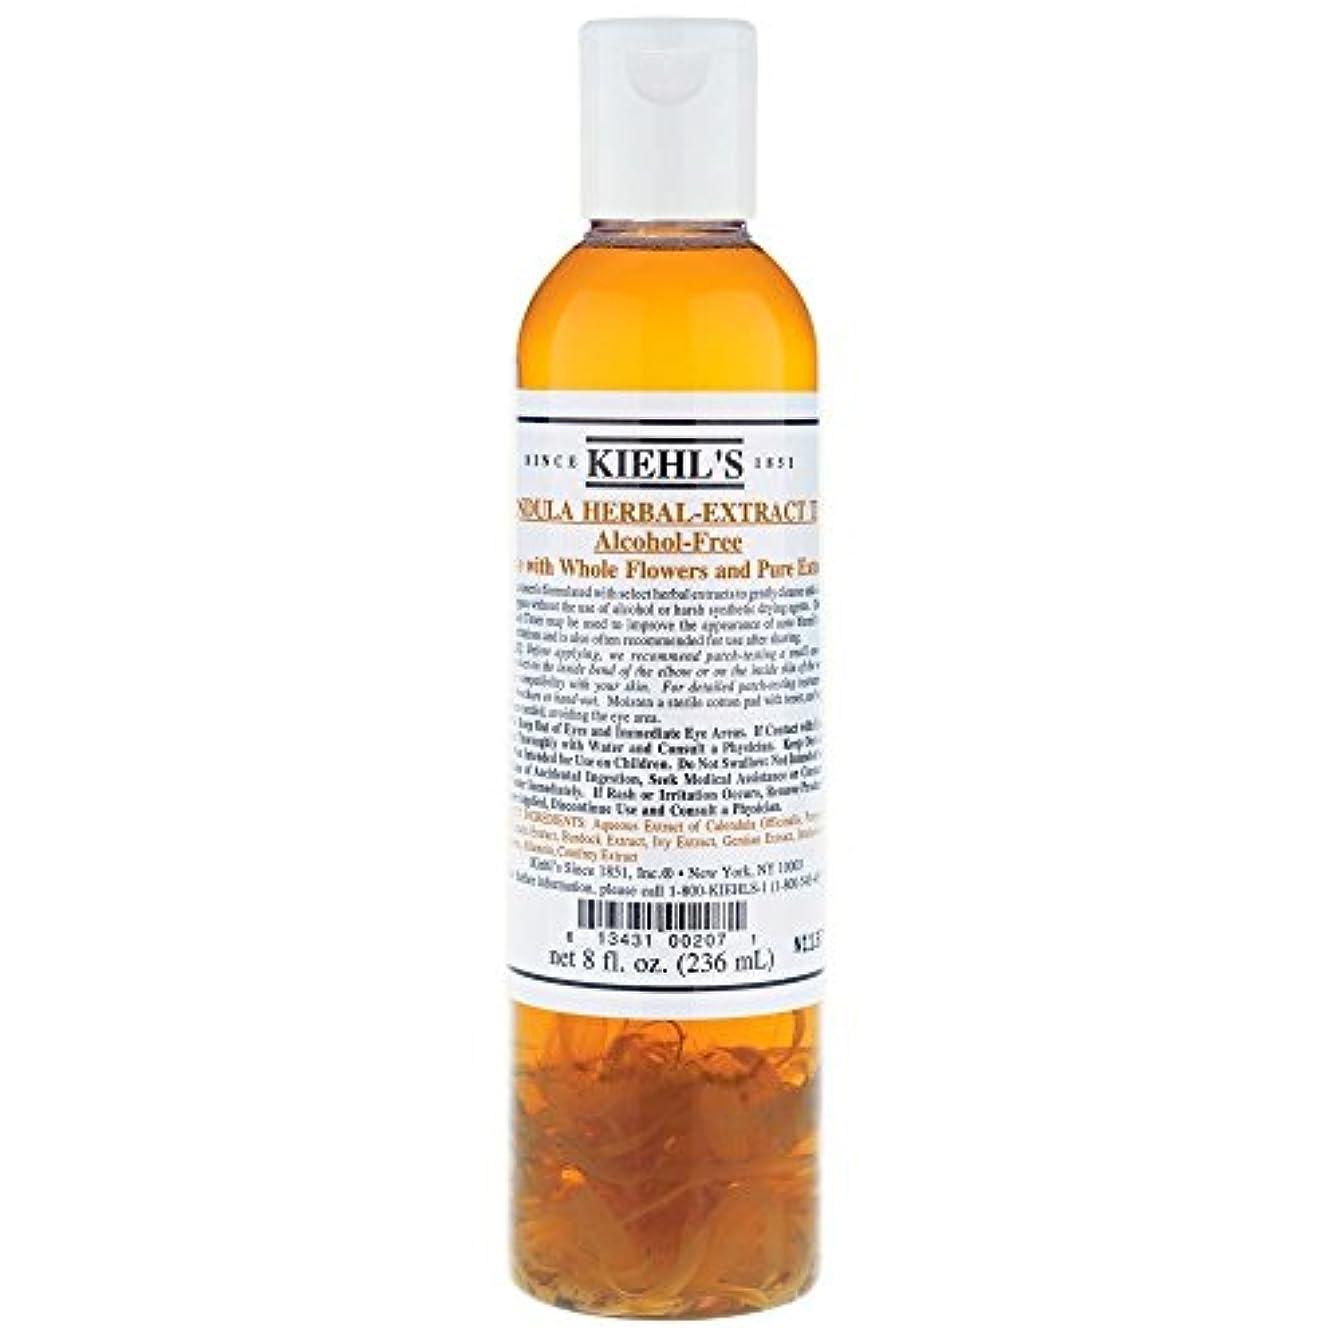 劇的頭コンセンサス[Kiehl's] キールズカレンデュラハーブエキスアルコールフリートナー500ミリリットル - Kiehl's Calendula Herbal Extract Alcohol-Free Toner 500ml [並行輸入品]